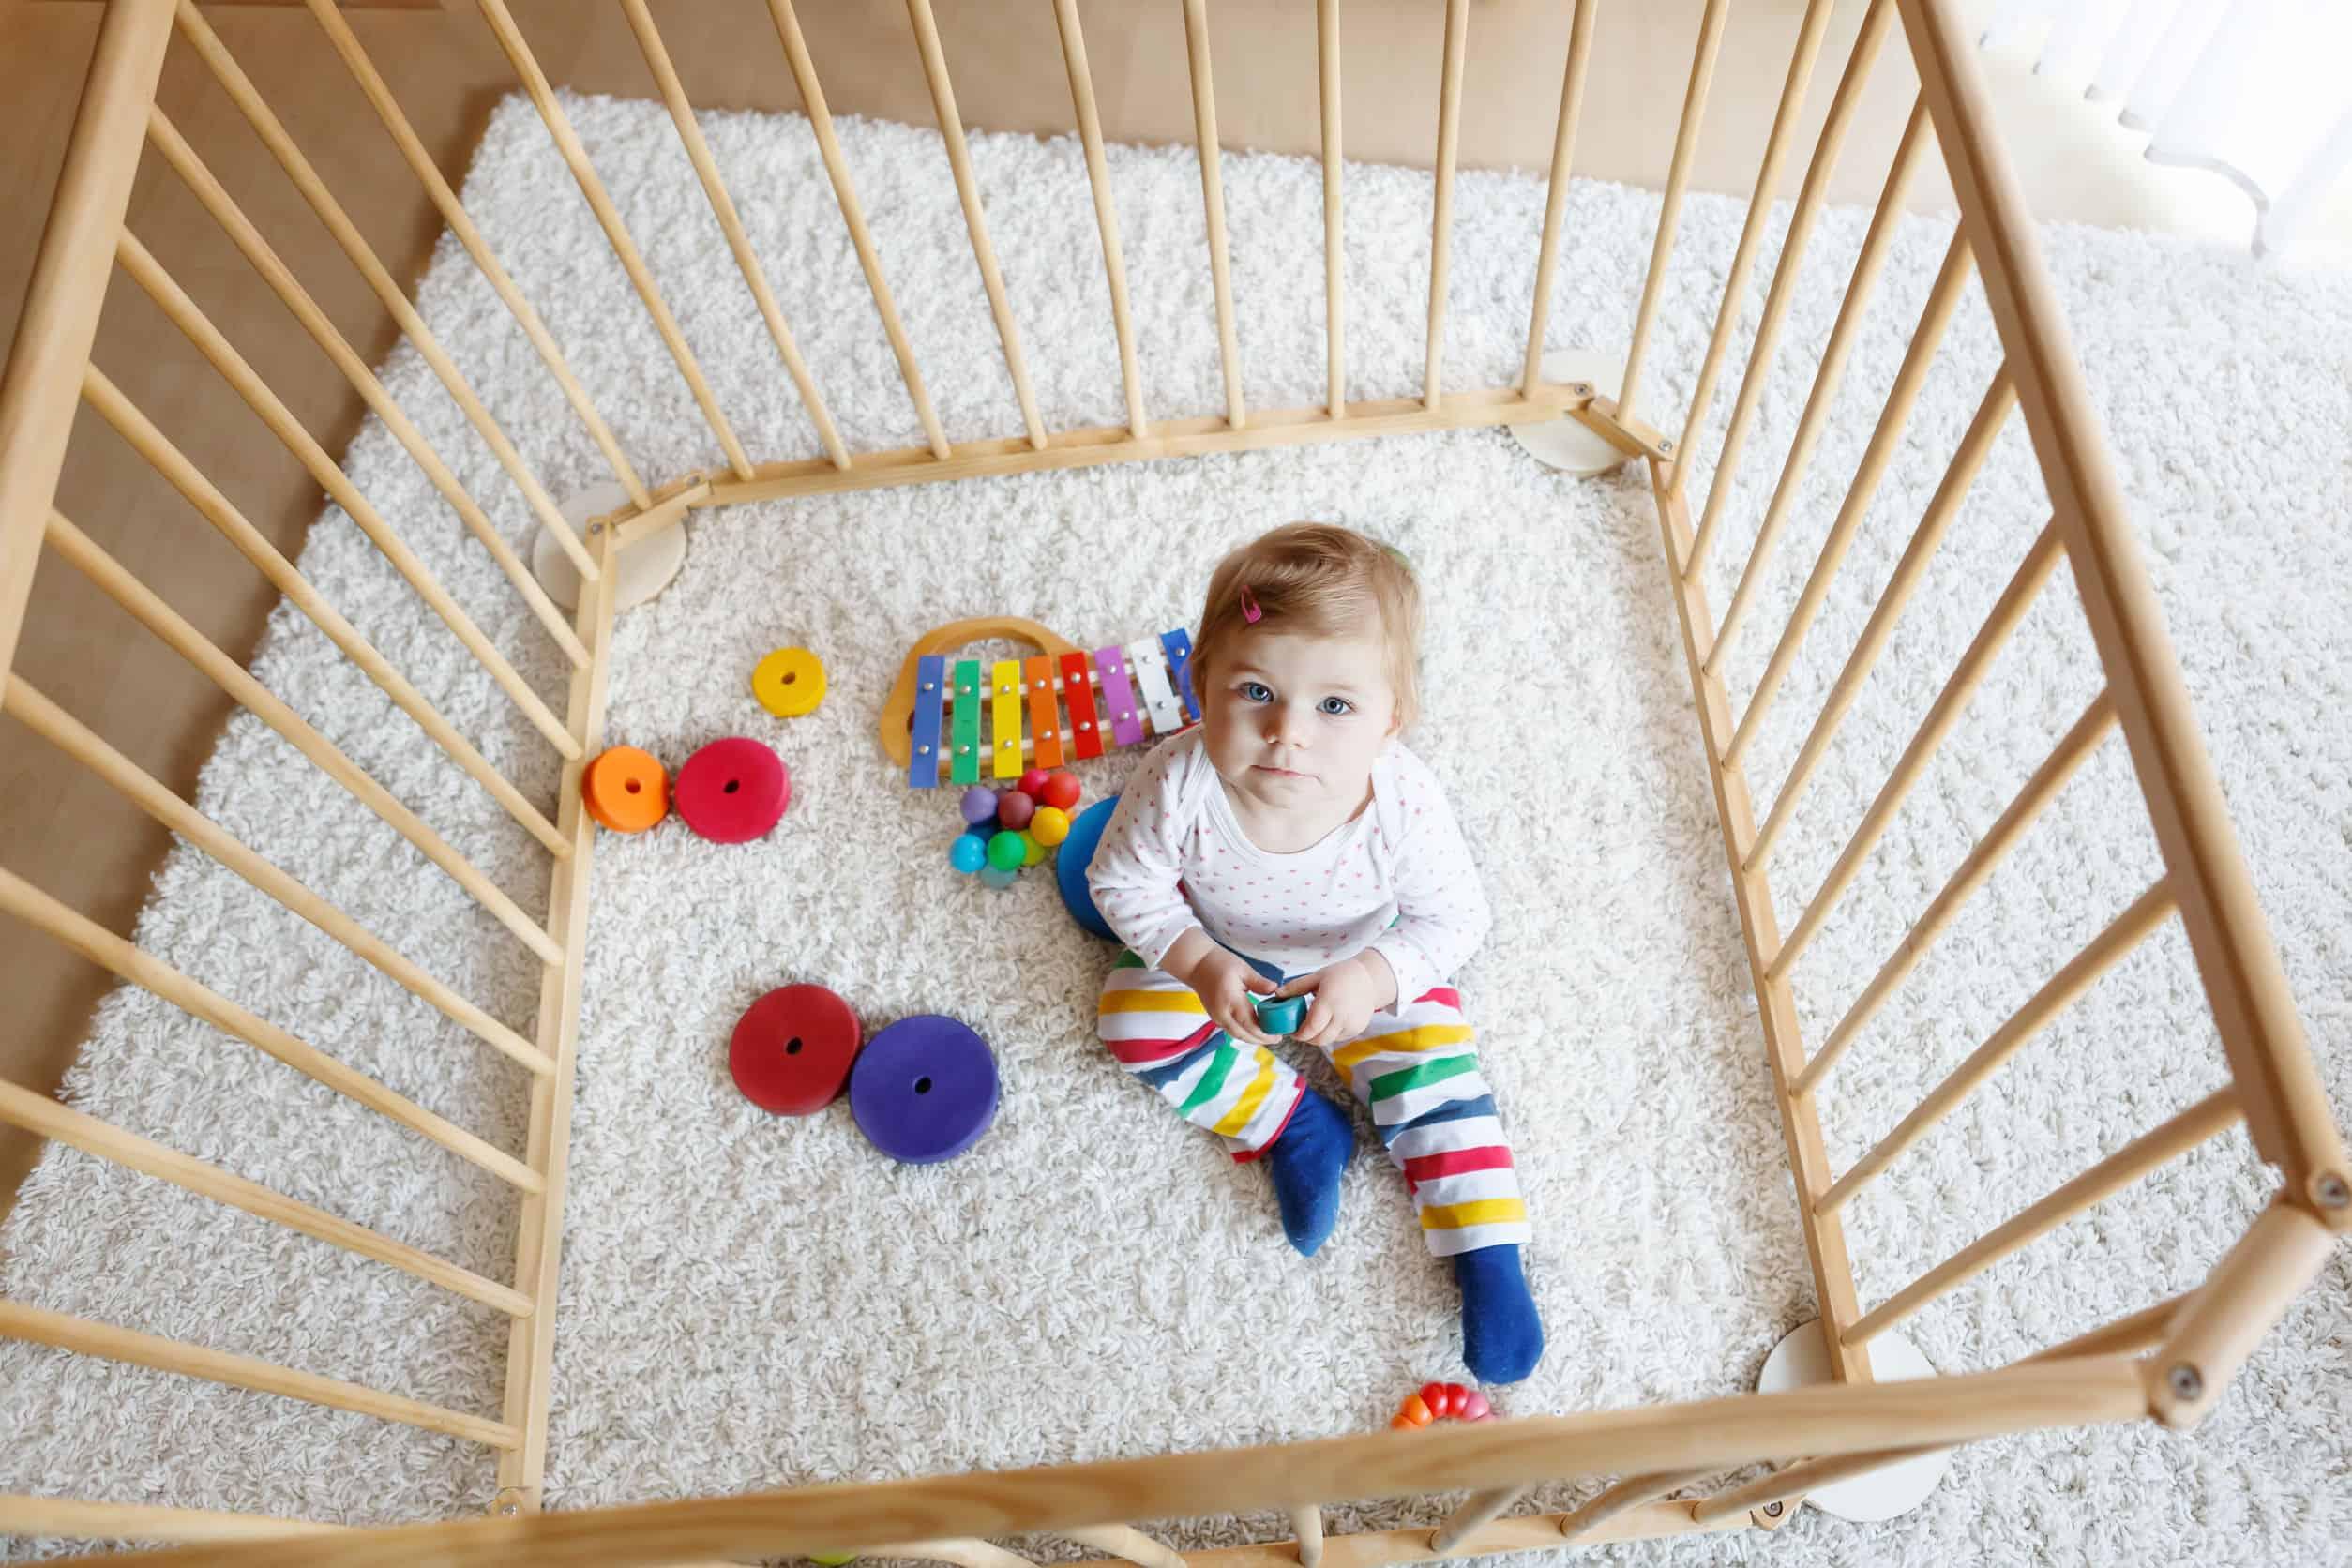 Cercado para bebê: Como escolher o melhor modelo de 2020?